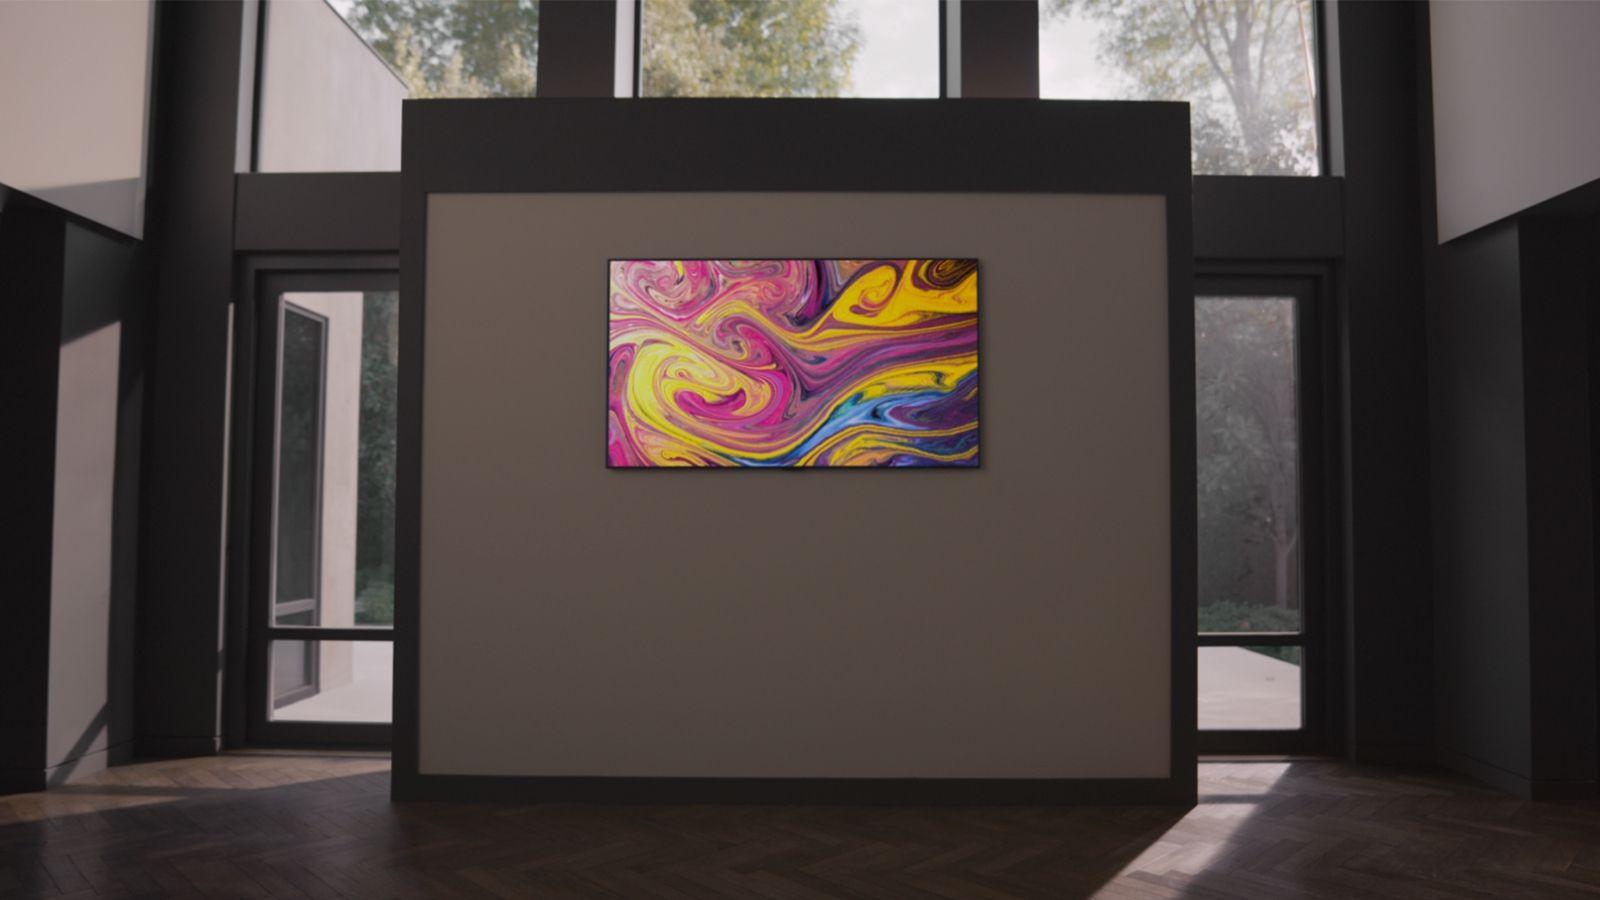 """Eine Frau, die in einer galerieähnlichen Wohnung einen Gallery TV an der Wand hängen hat, betrachtet interessiert den Gallery-TV-Standfuß. Außerdem ist der Slogan """"Complete your space, Light the space up"""" zu sehen."""